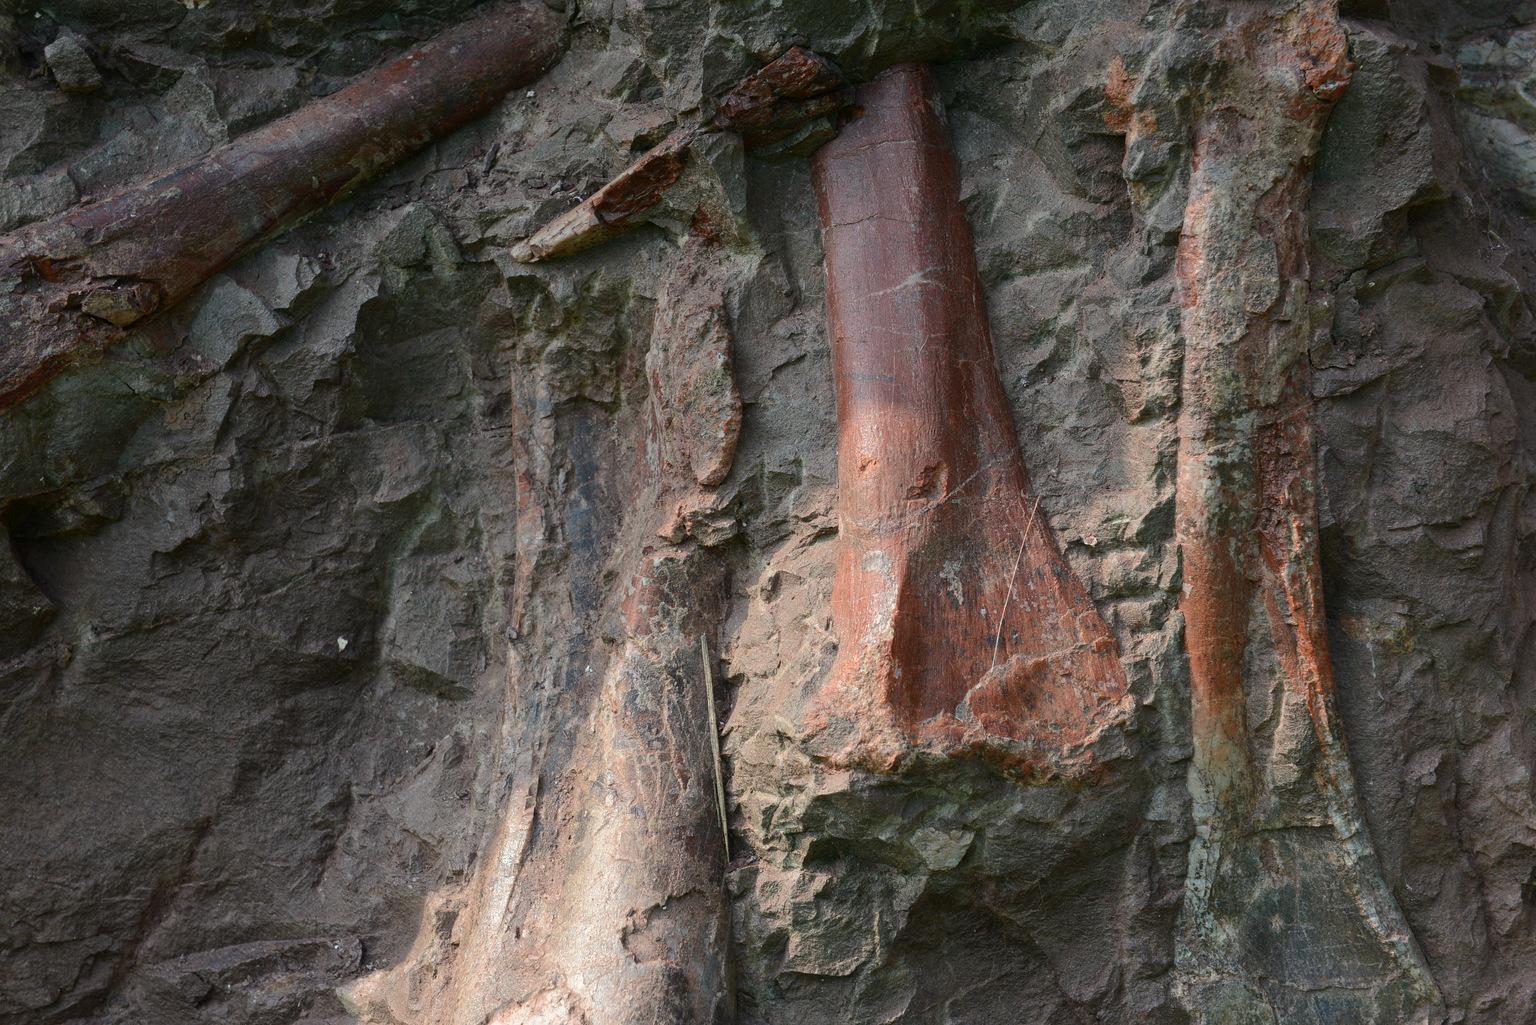 Dinoszauruszkövületek a 150 méter hosszú falban, a kínai Csungcsingben. (Fotó: AFP)